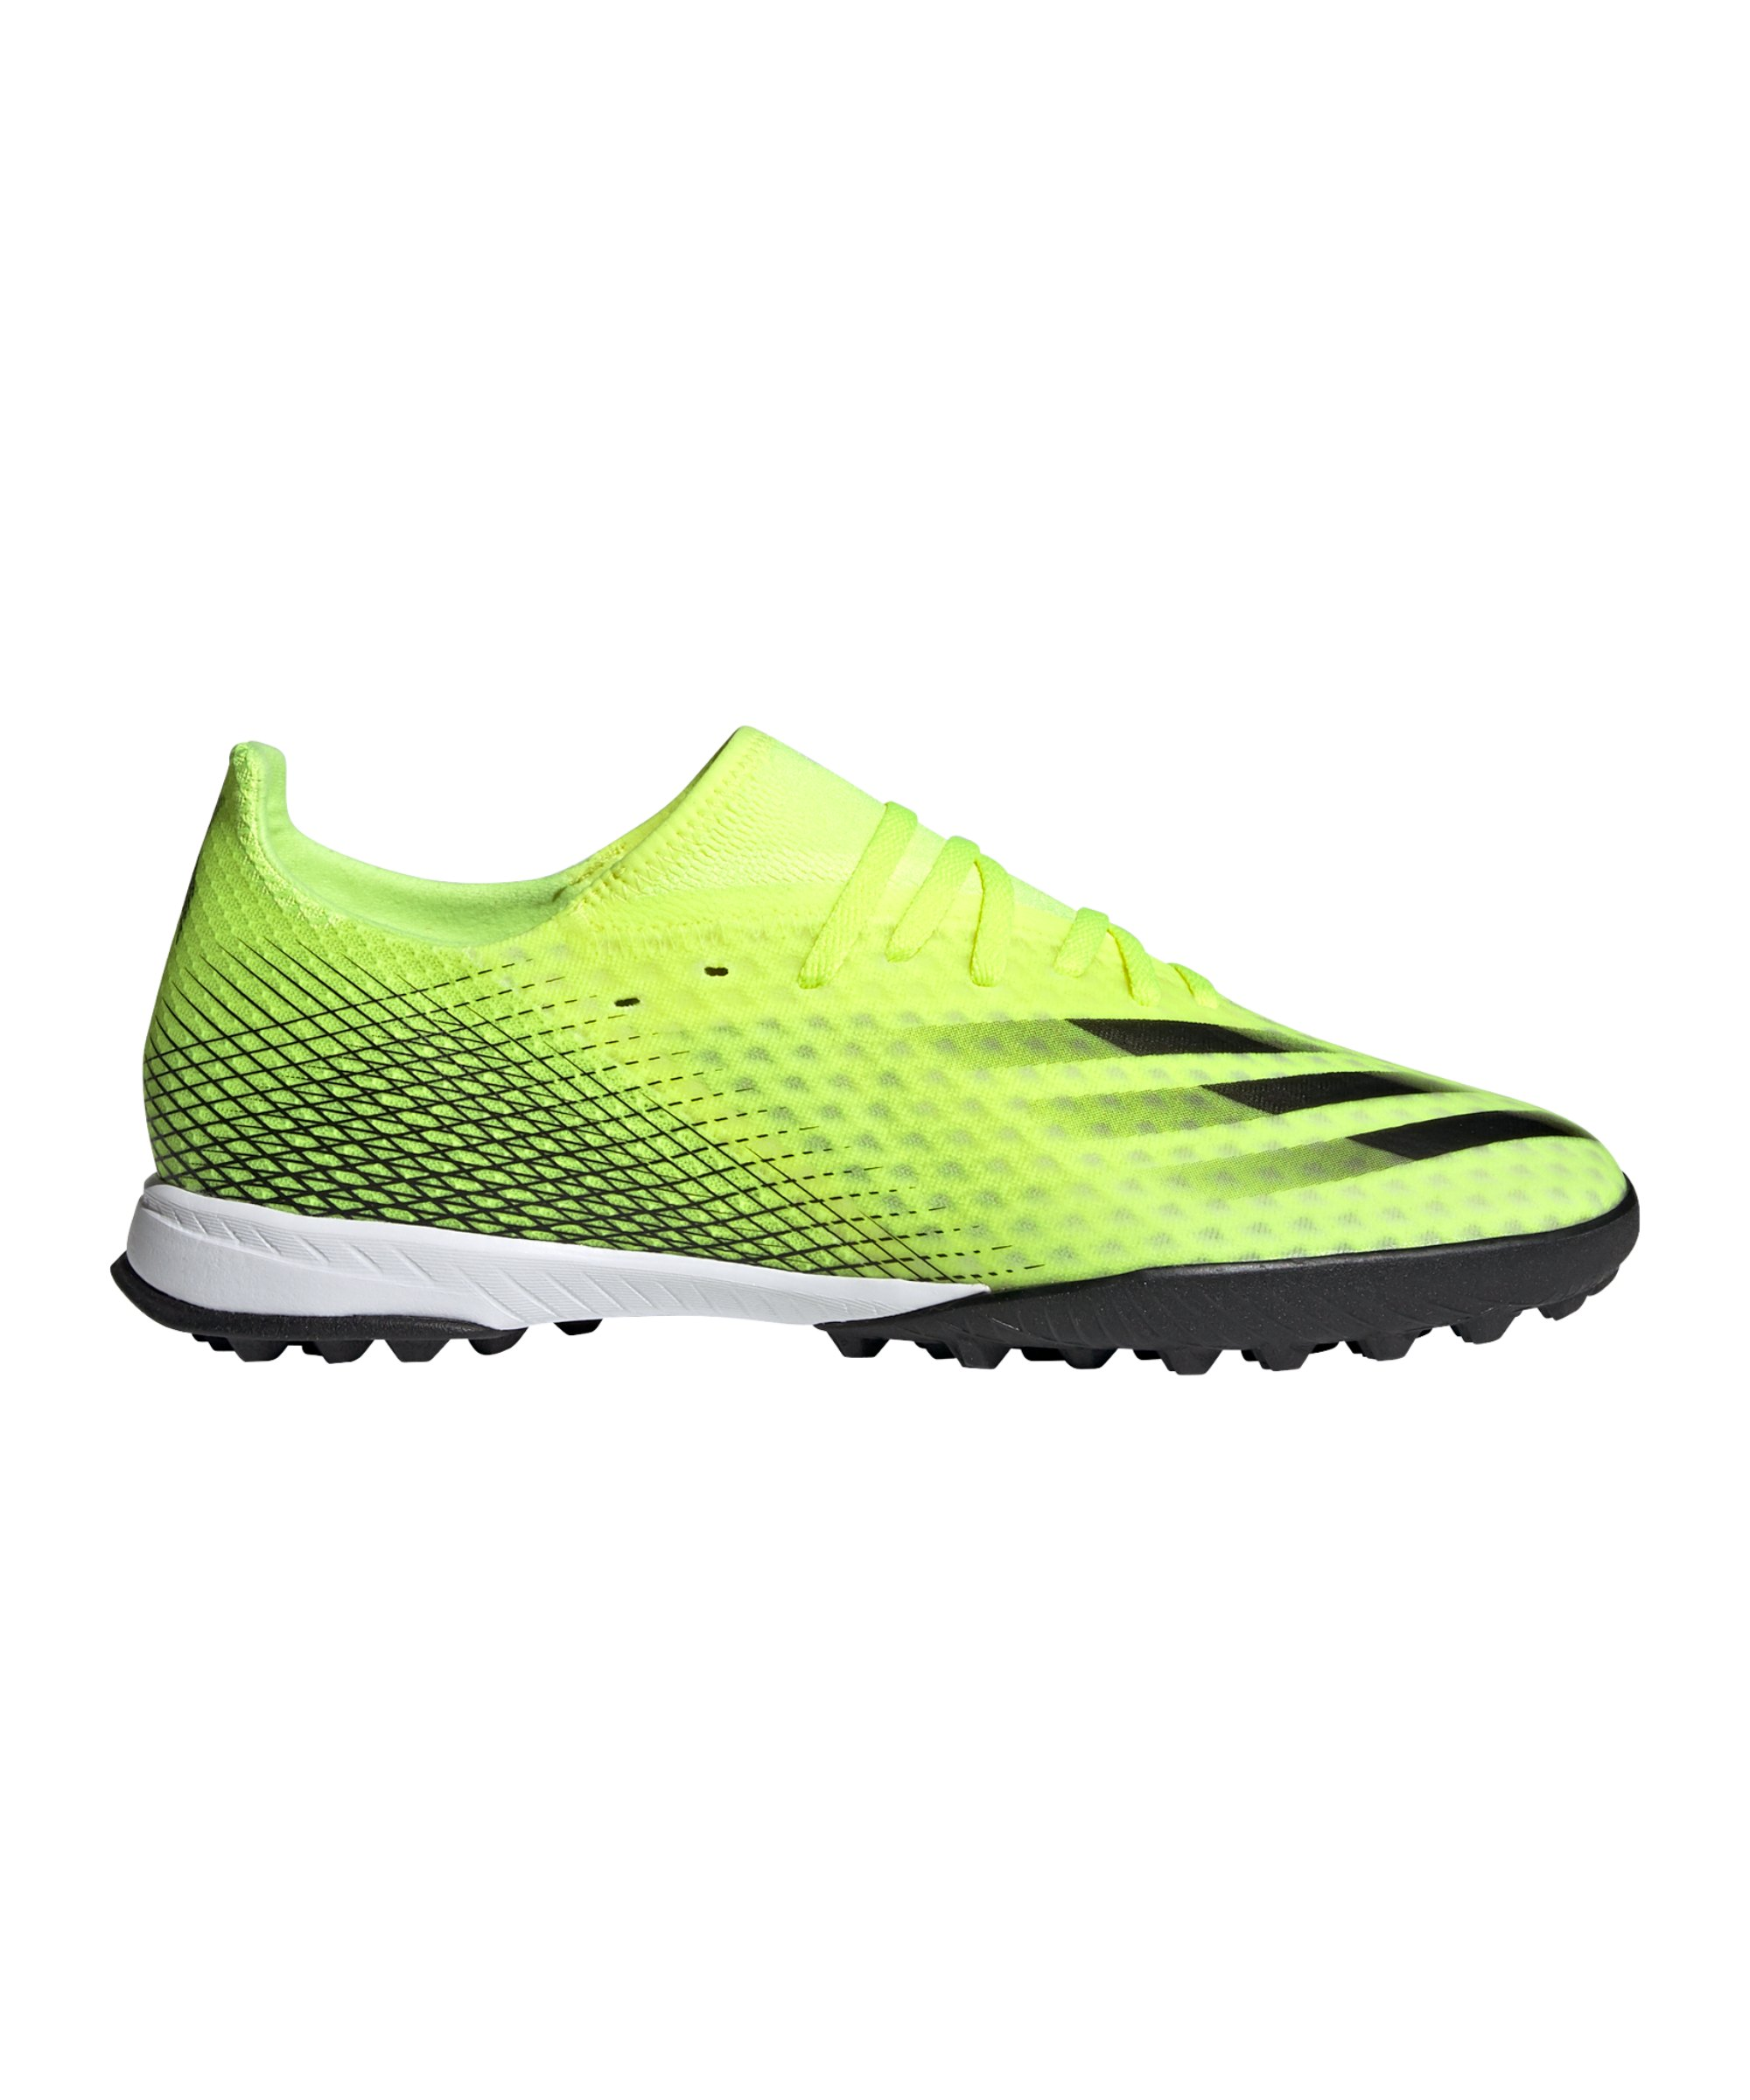 adidas X GHOSTED.3 TF Superlative Gelb Schwarz - gelb